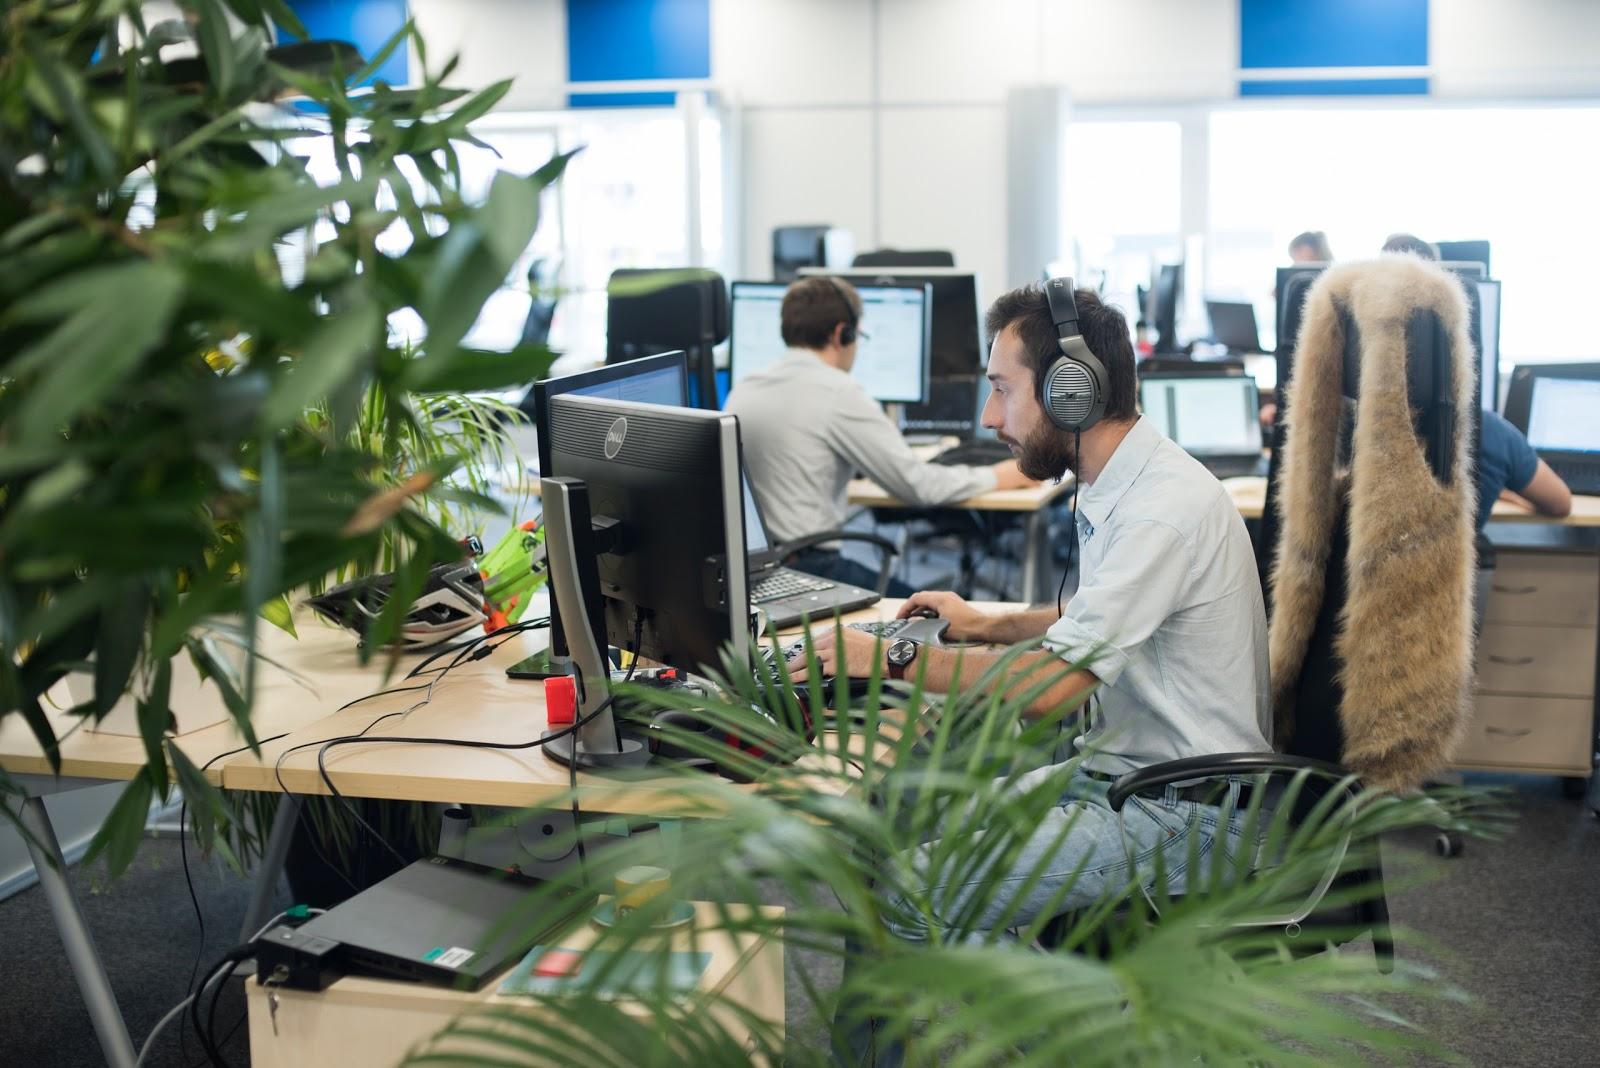 Комфортный офис — помогает работать или мешает и отвлекает? Ответят Sidenis, Alternativa Games и FunBox - 3